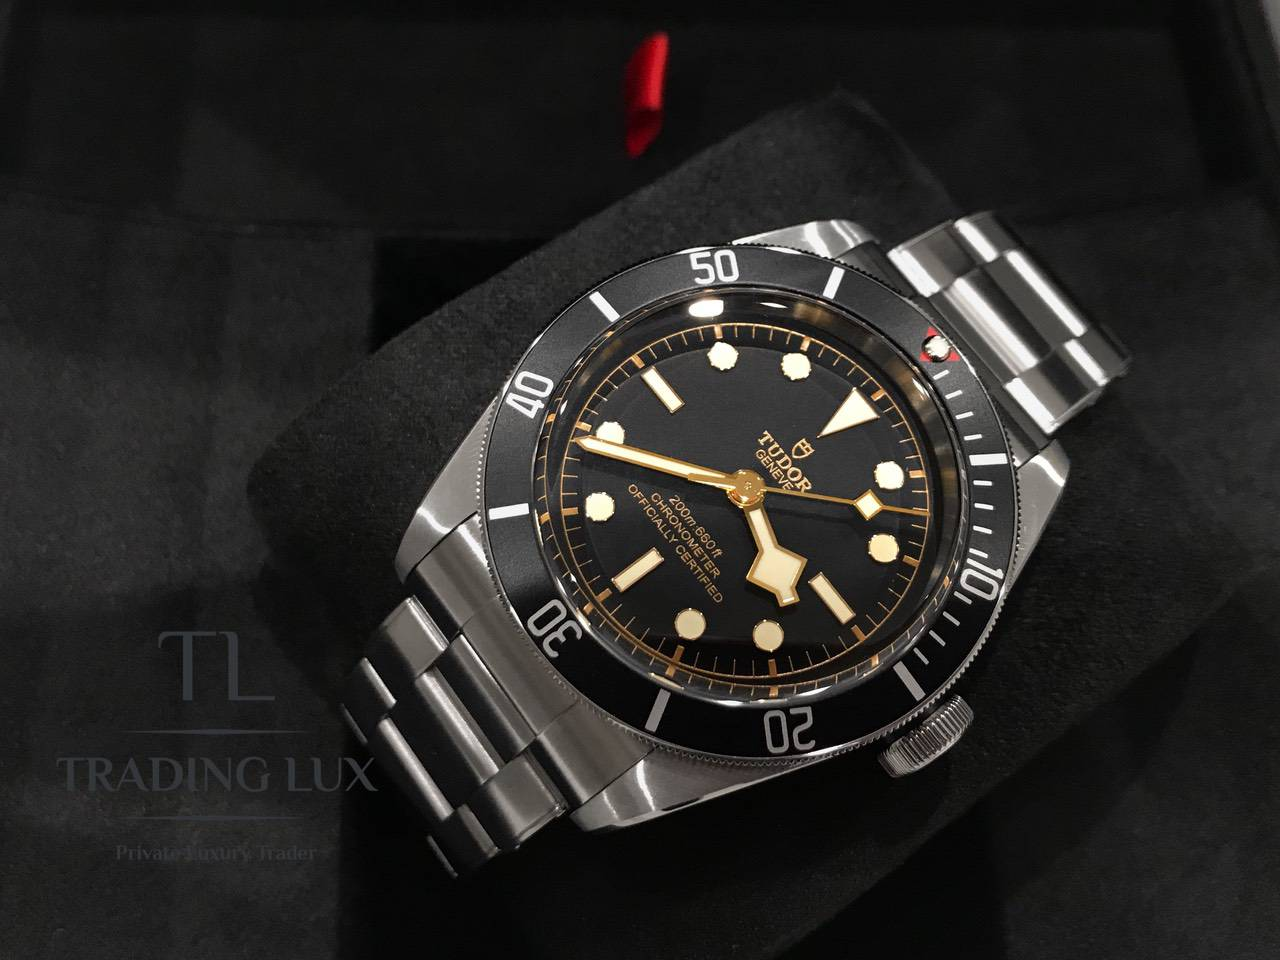 Tudor-Black-Bay-79230N-9